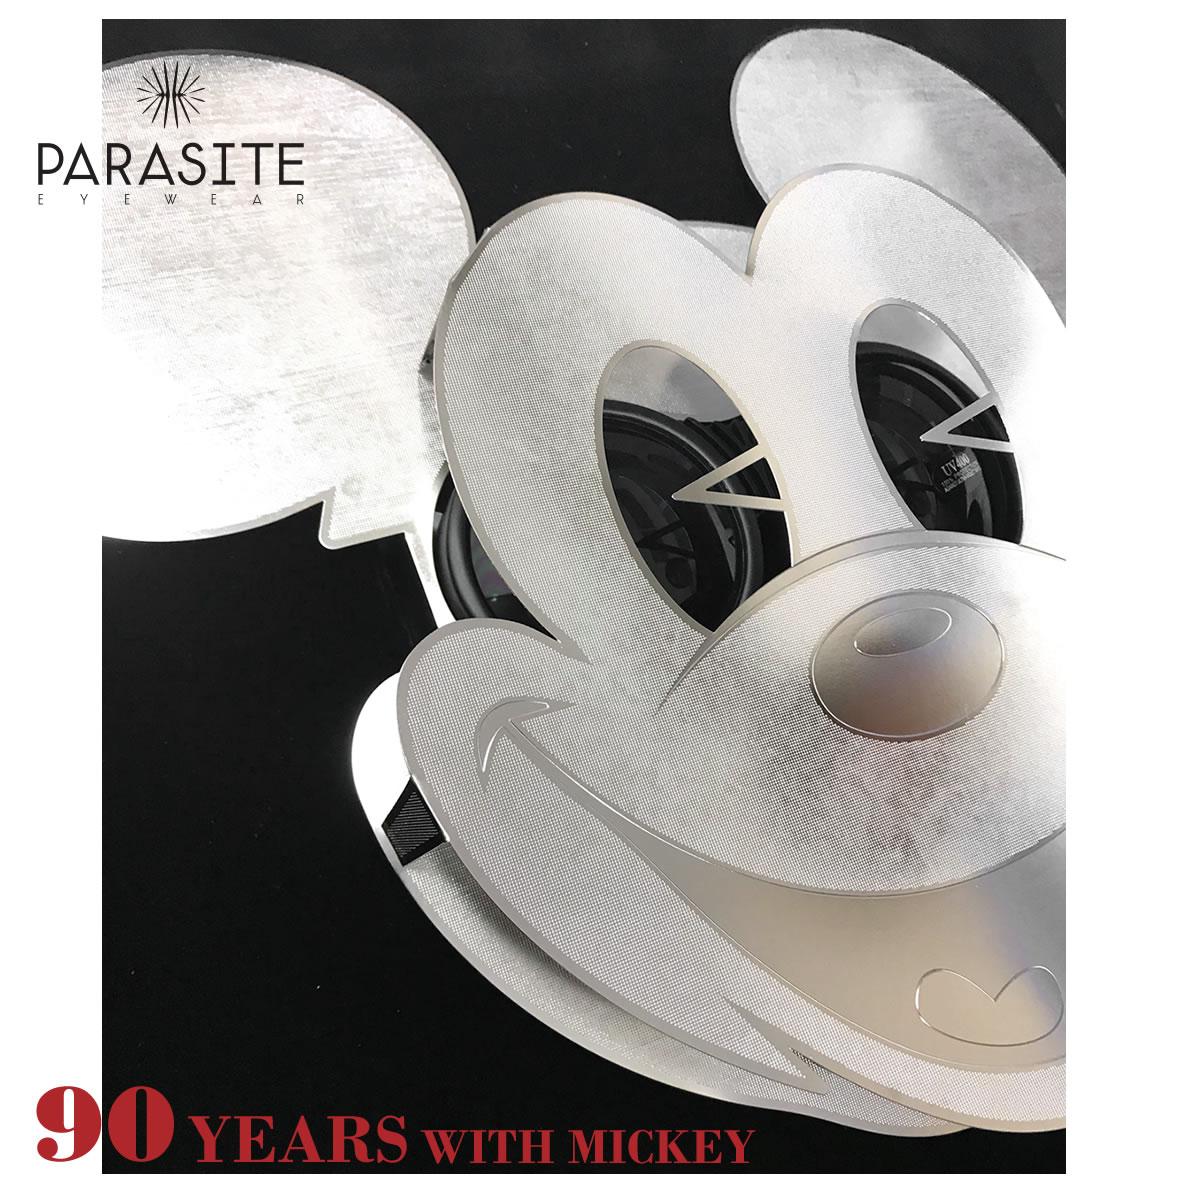 PARASITE パラサイト サングラス MICKEY MASK ミッキー90周年記念モデル ディズニー ミッキーマウス レア マスク 仮面 ゴーグル パラサイト PARASITE ミッキー メンズ レディー